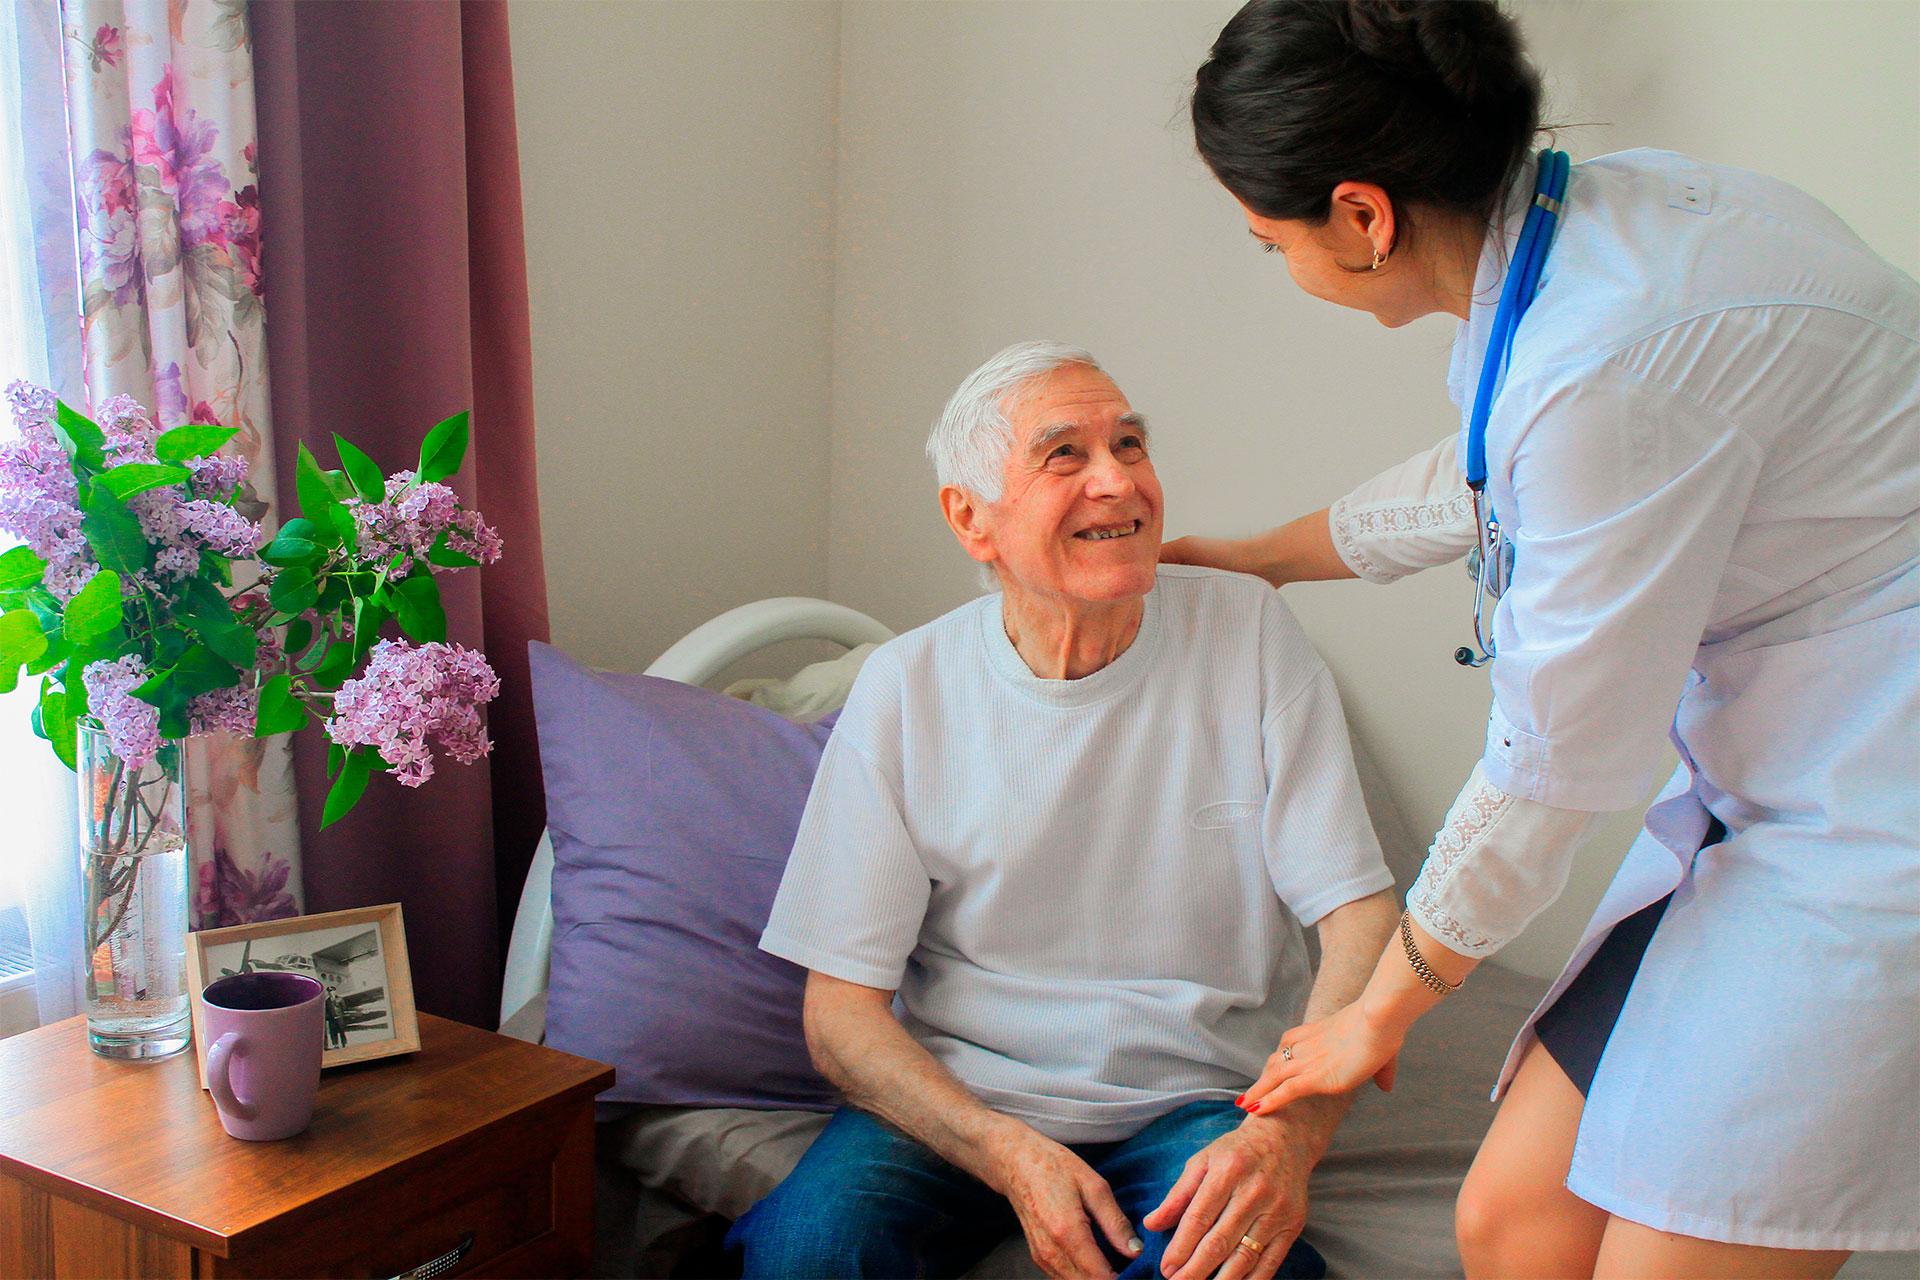 Пансионат для престарелых «Долгожители»: тут помогут вашим пожилым родственникам